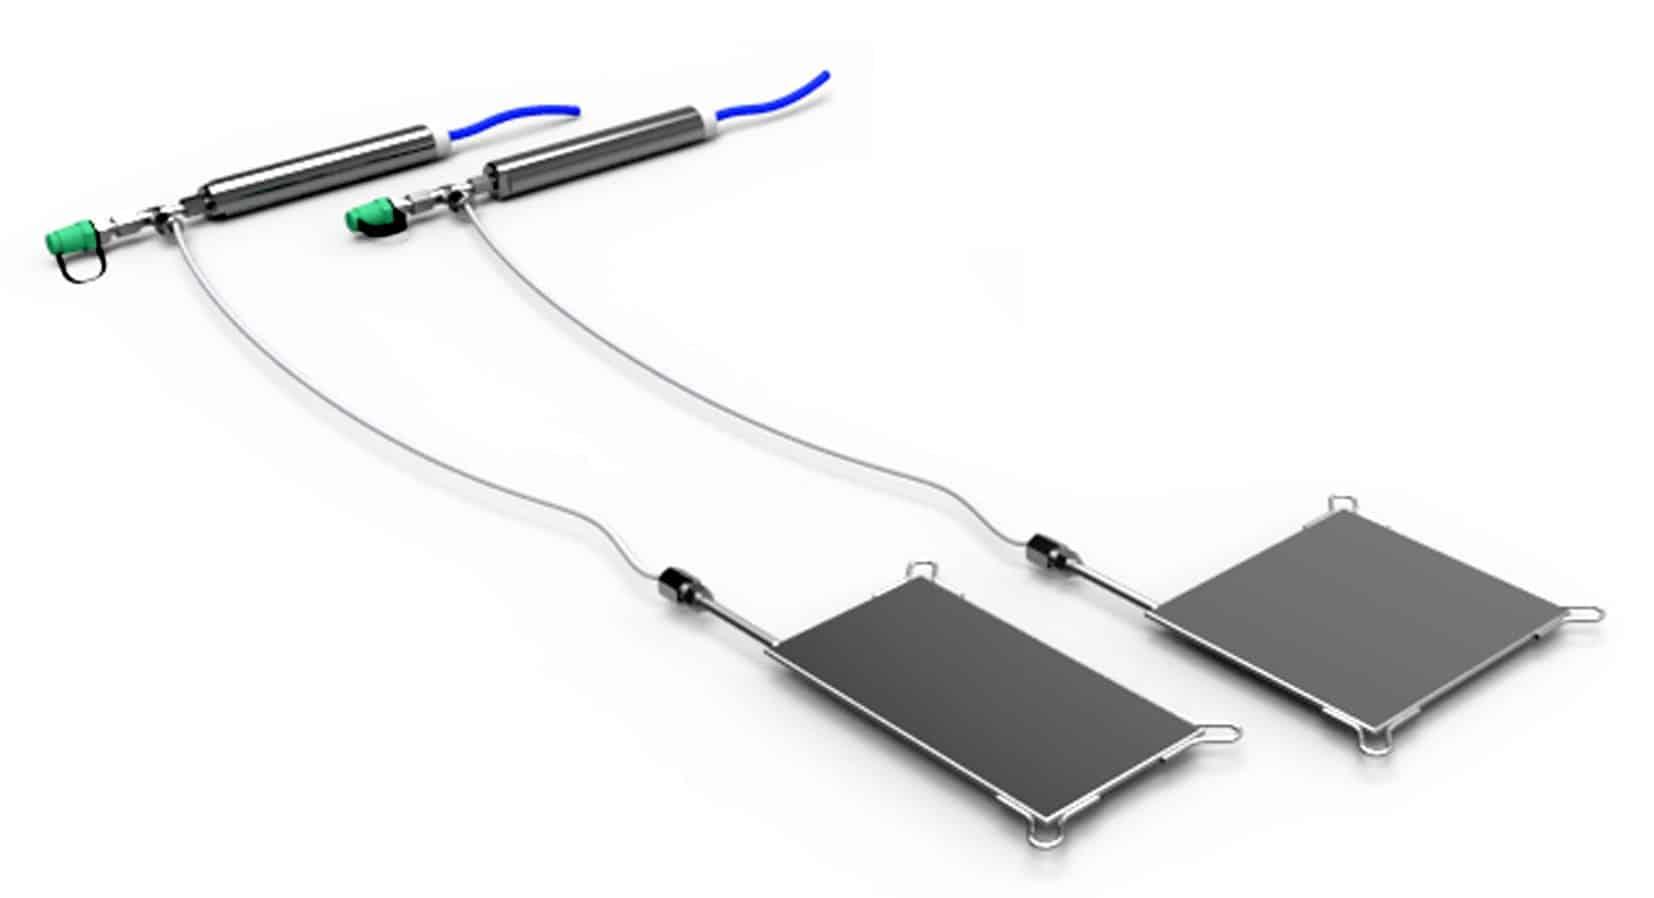 Le celle di pressione con trasduttore e valvola di ripressurizzazione